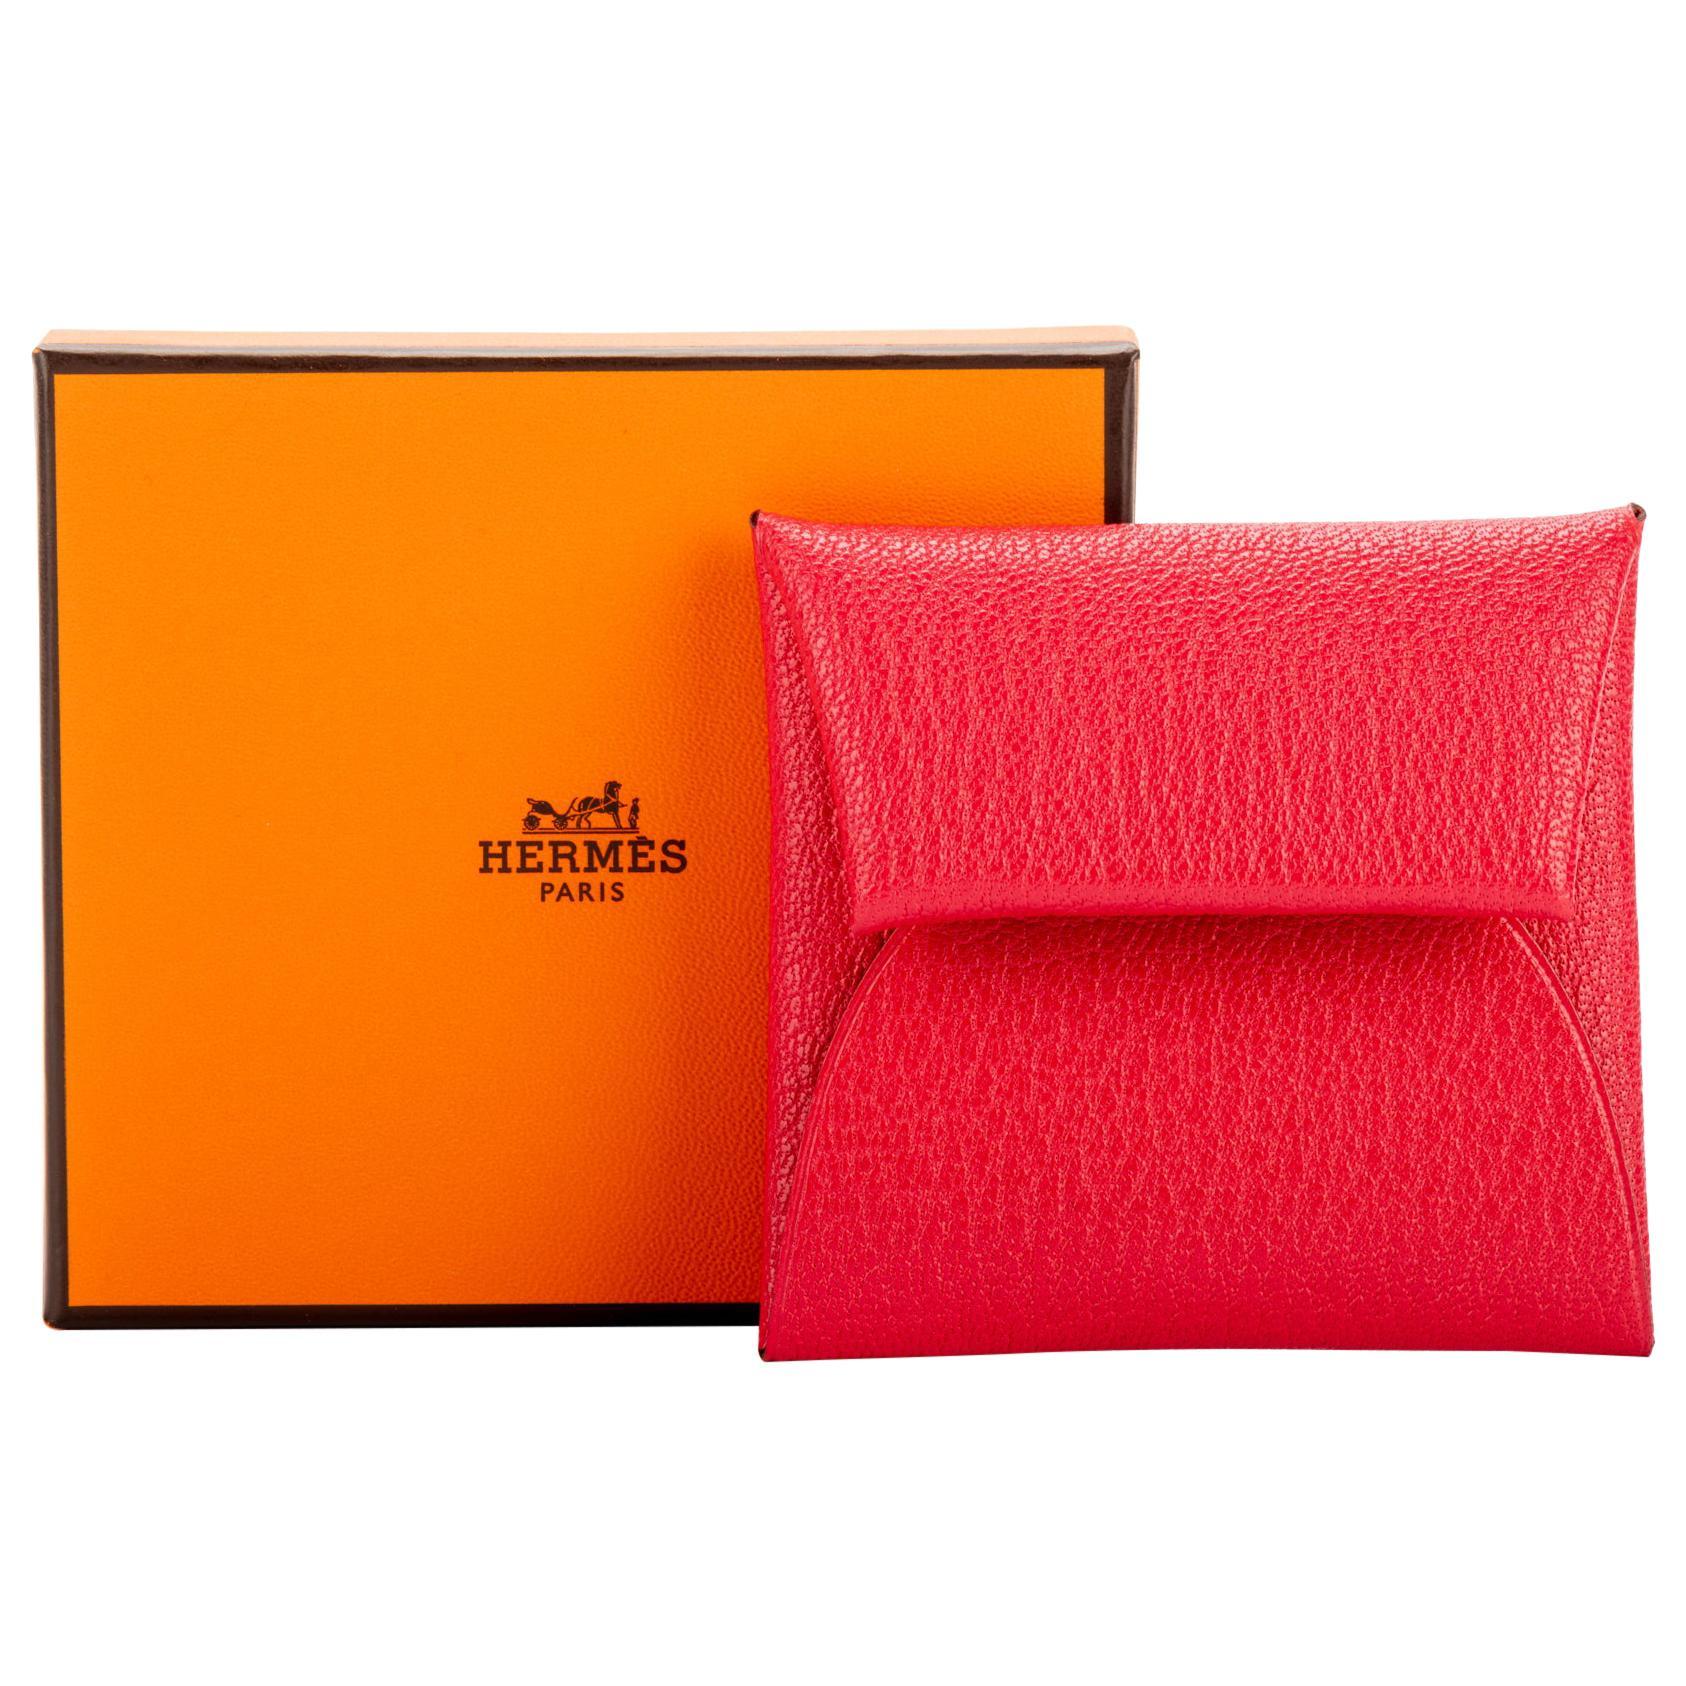 New in Box Hermès Rouge Pivoine Chevre Coin Case